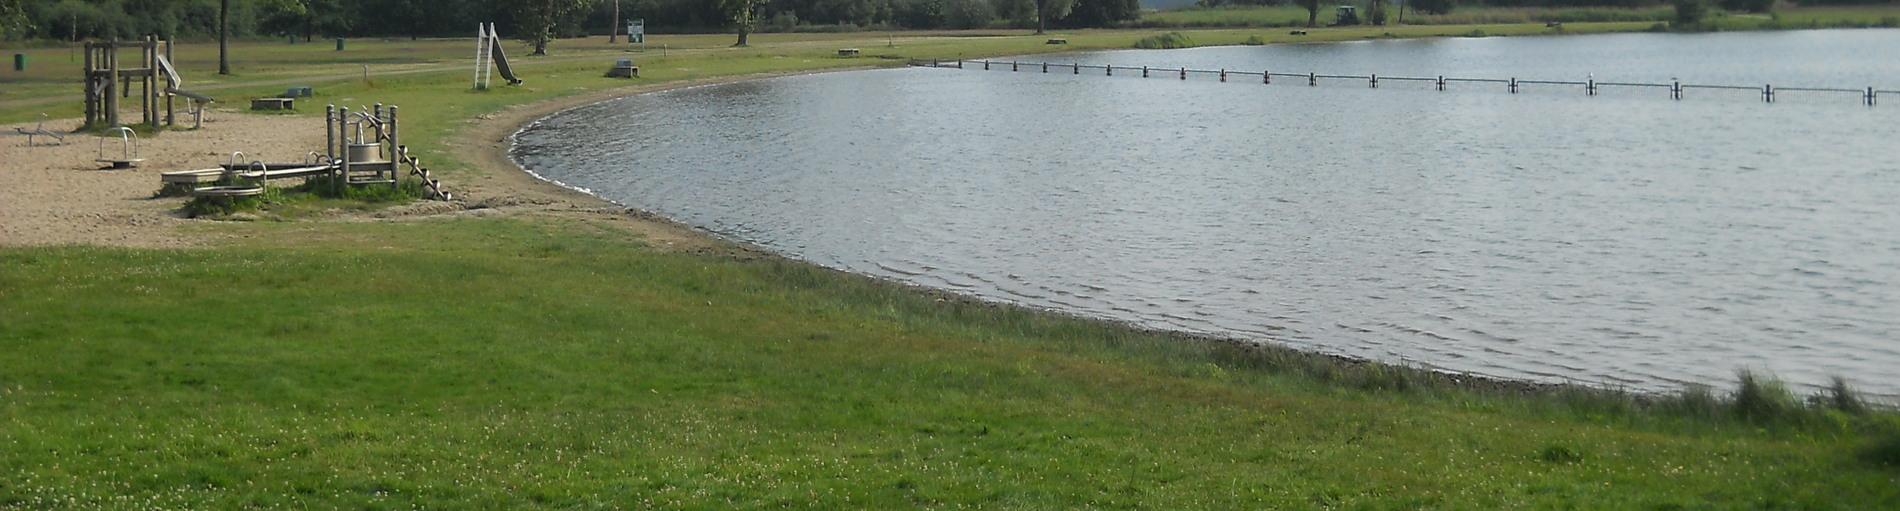 Eine grüne Wiese und zahlreiche Spielgeräte für Kinder liegen direkt am See